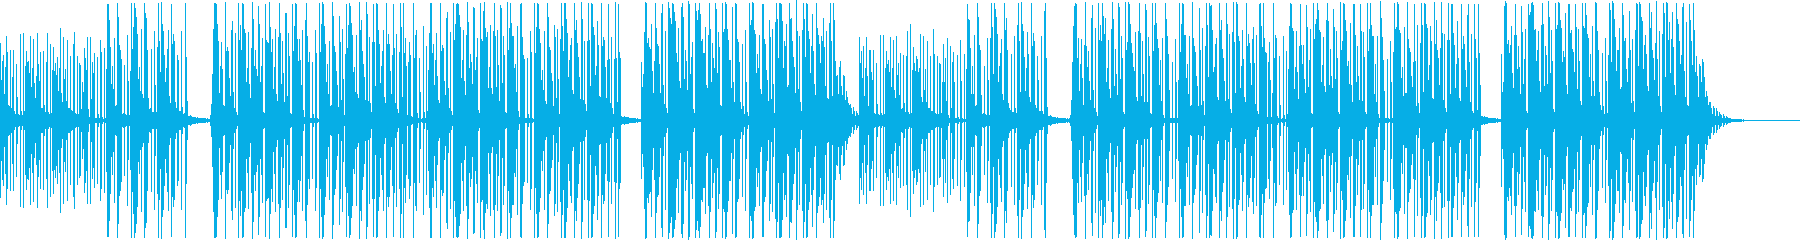 【チル】ゆったりとしたBGM・8の再生済みの波形